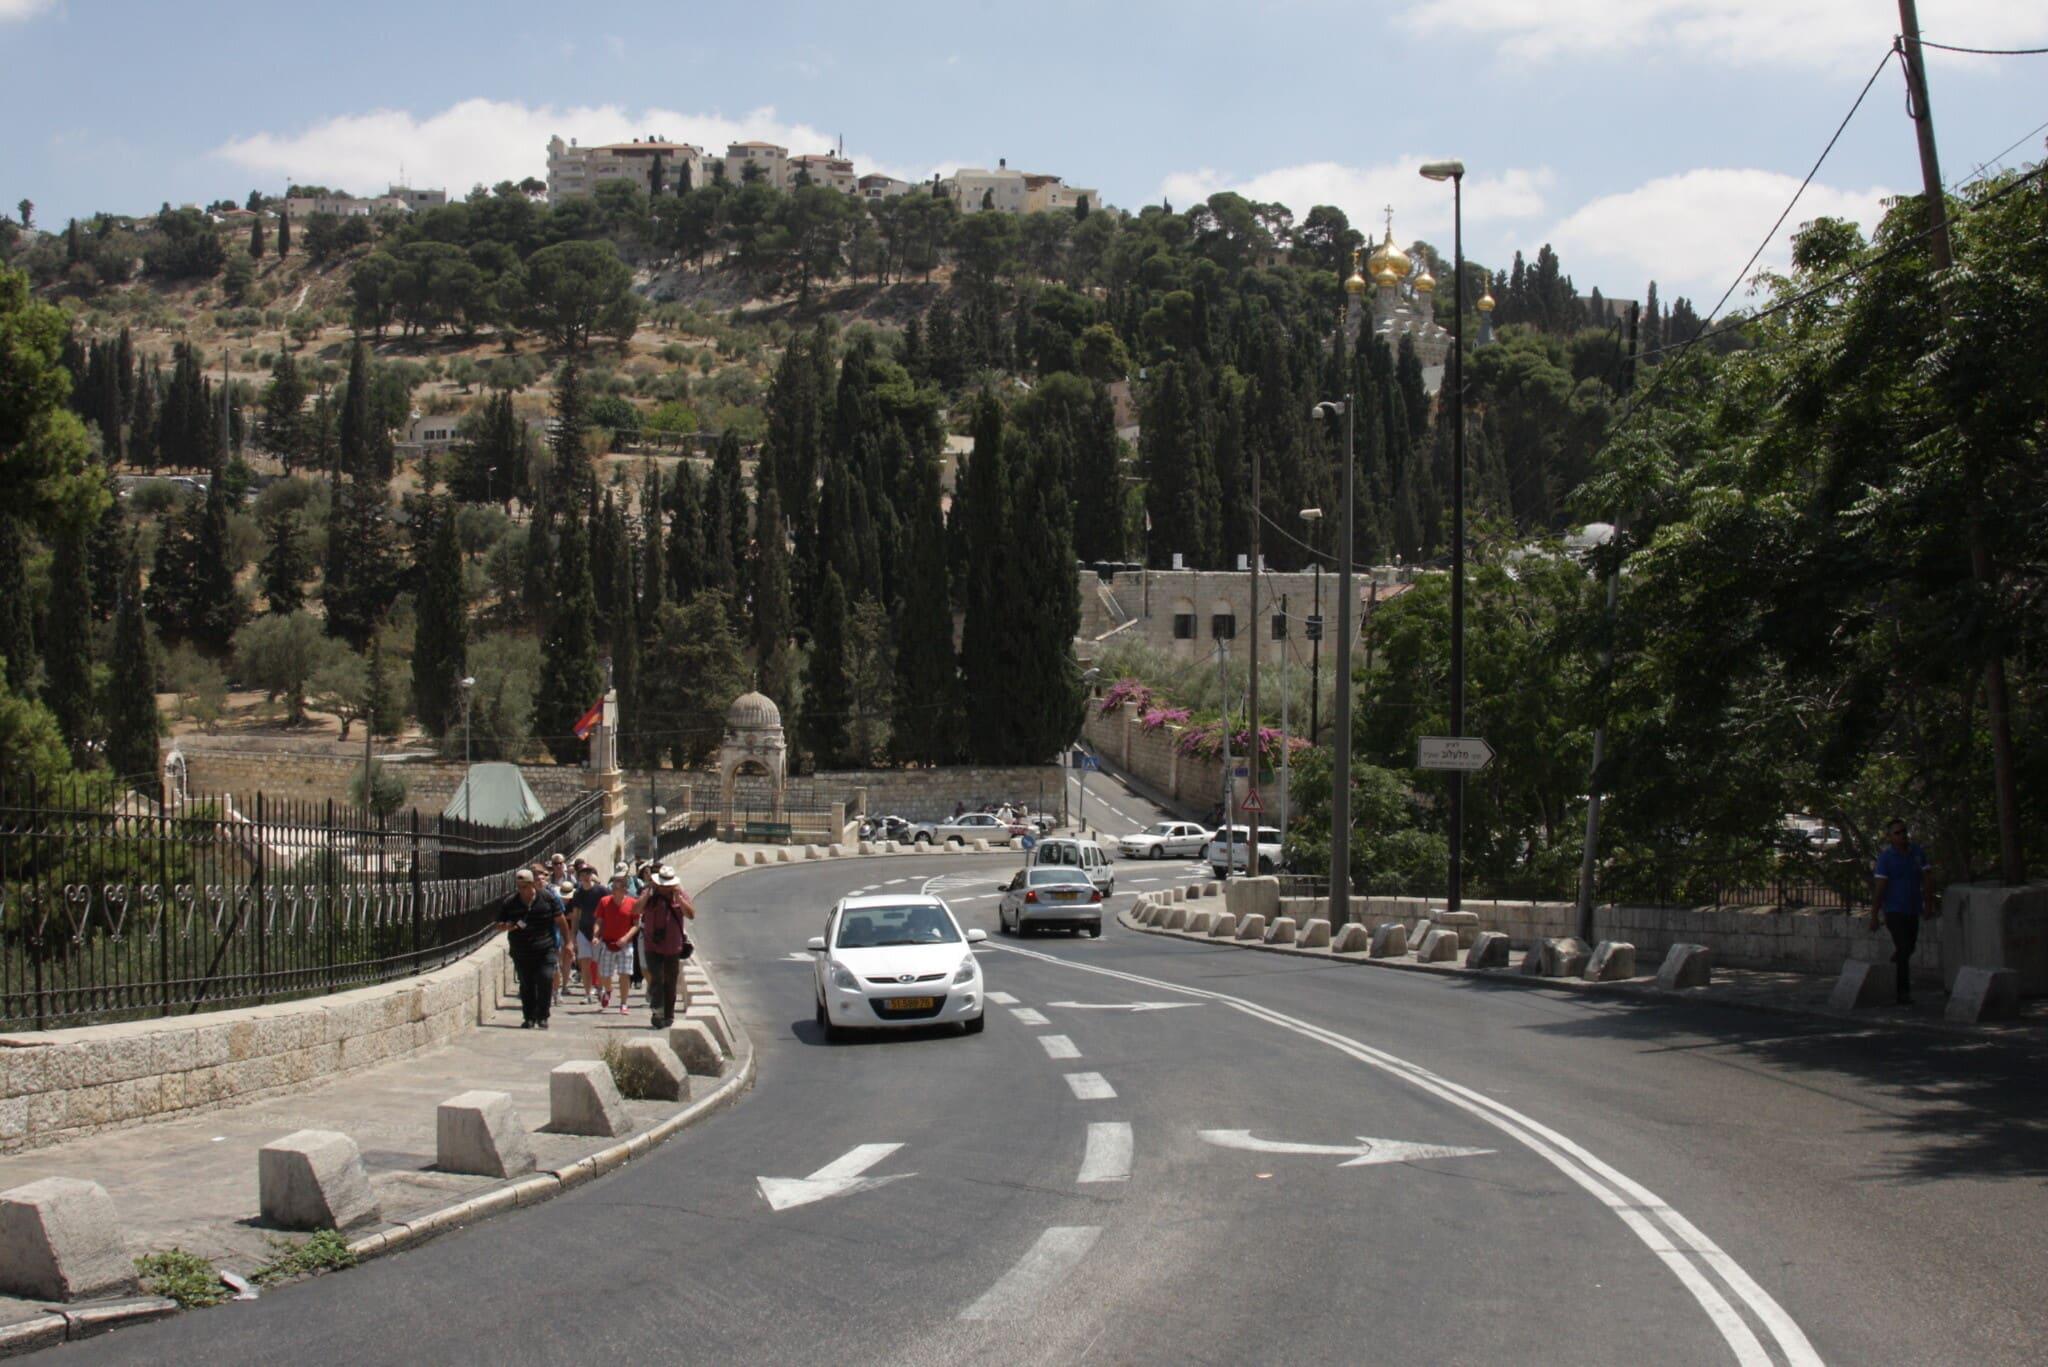 דרך יריחו בירושלים, שם נהרגו חיילים ישראלים בקרב אחרי טעות בניווט (צילום: שמואל בר-עם)